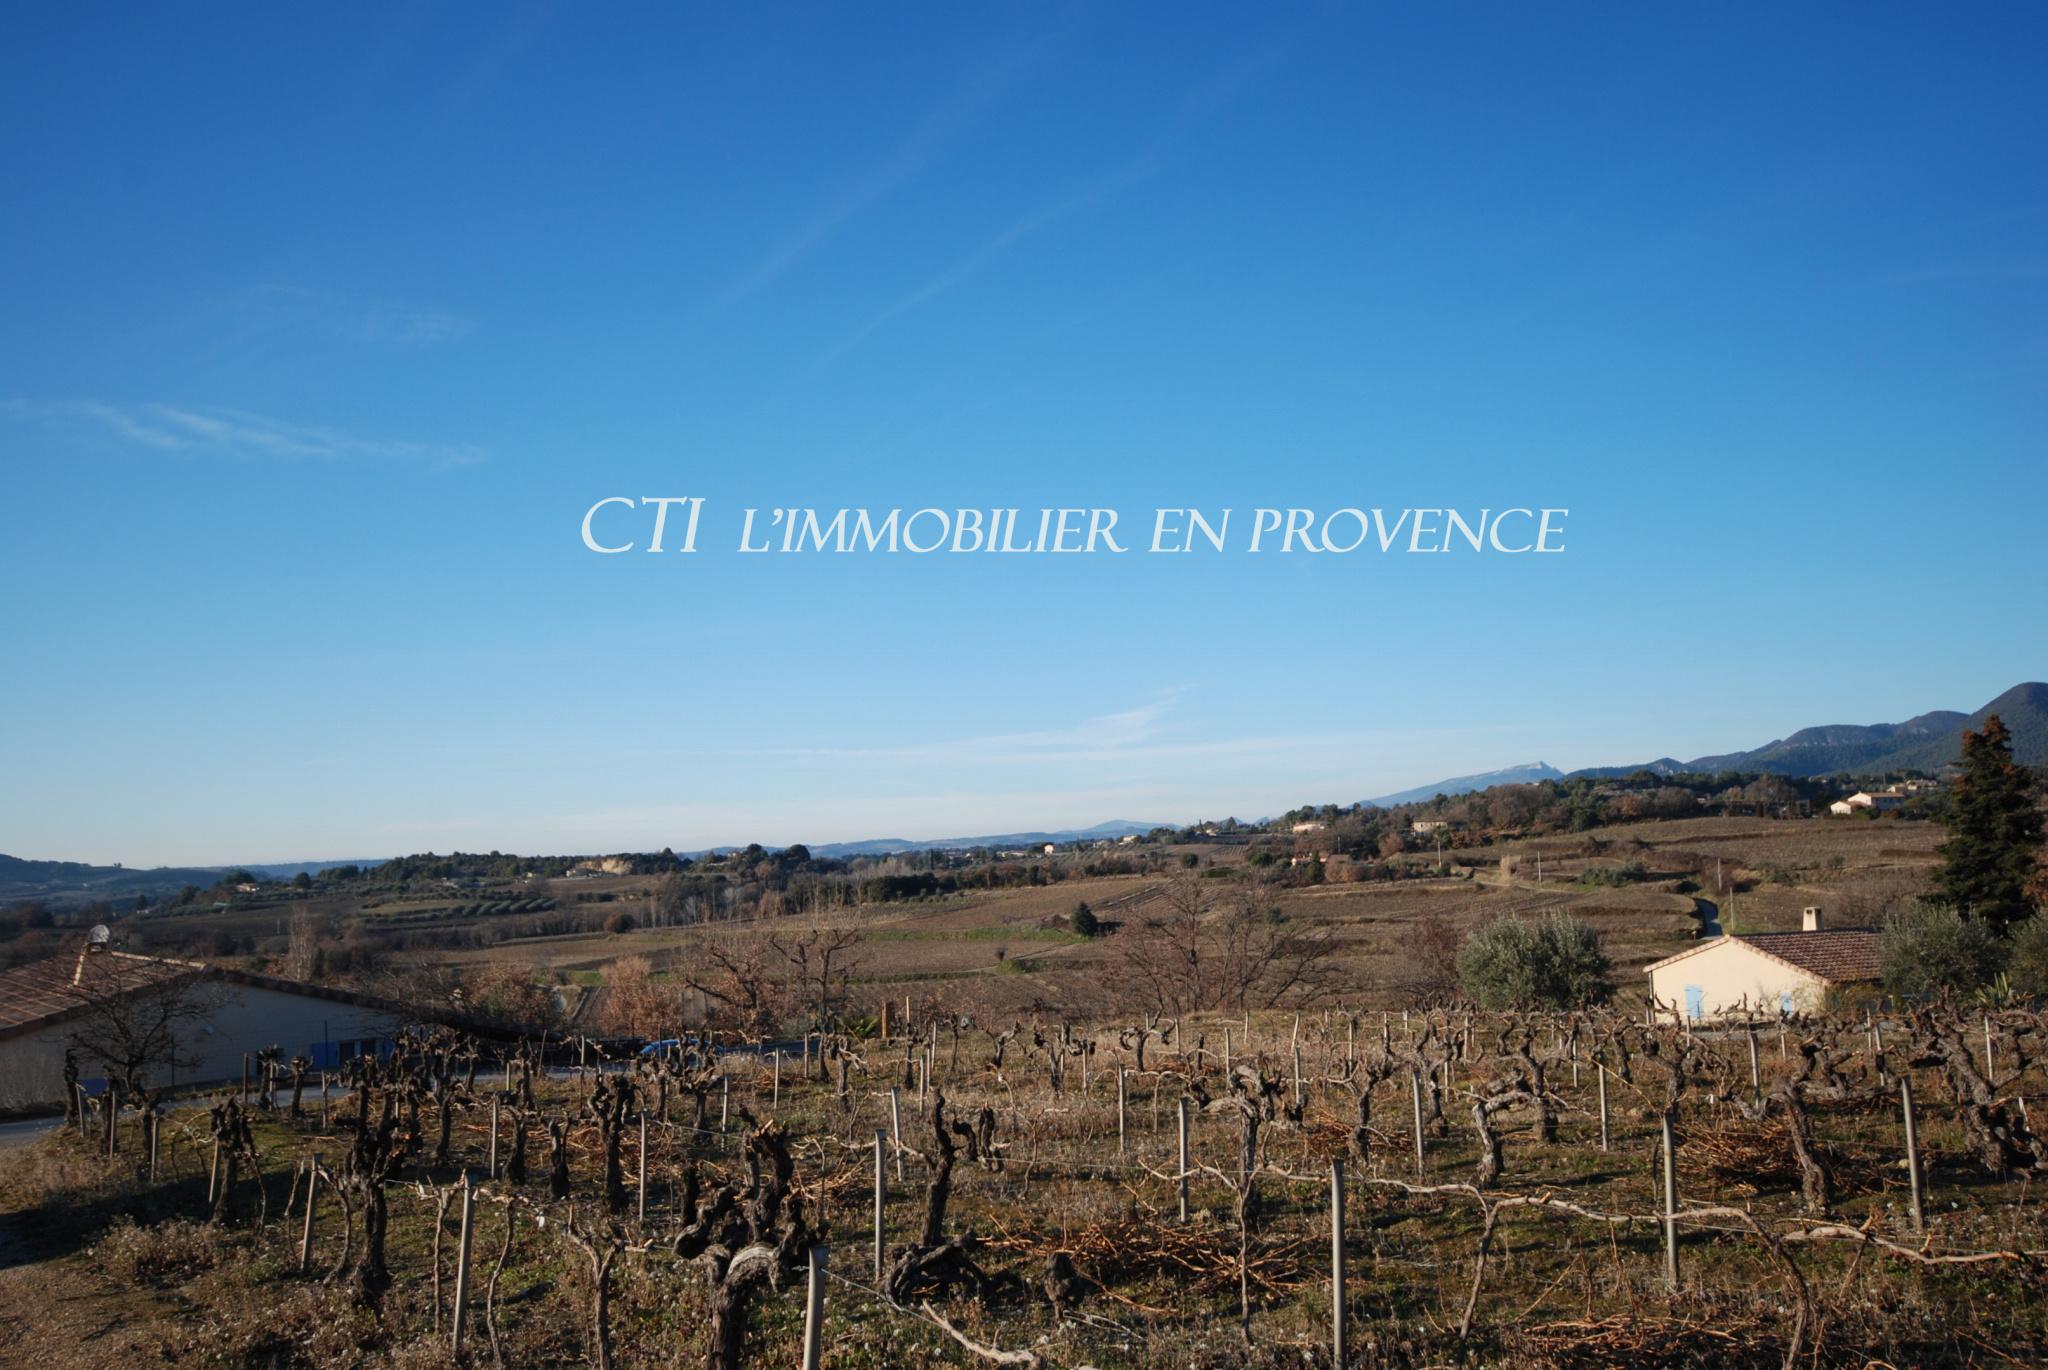 0 www.cti-provence.net A VENDRE TERRAIN PARCELLE CONSTRUCTIBLE SITUATION DOMINANTE PROCHE VAISON